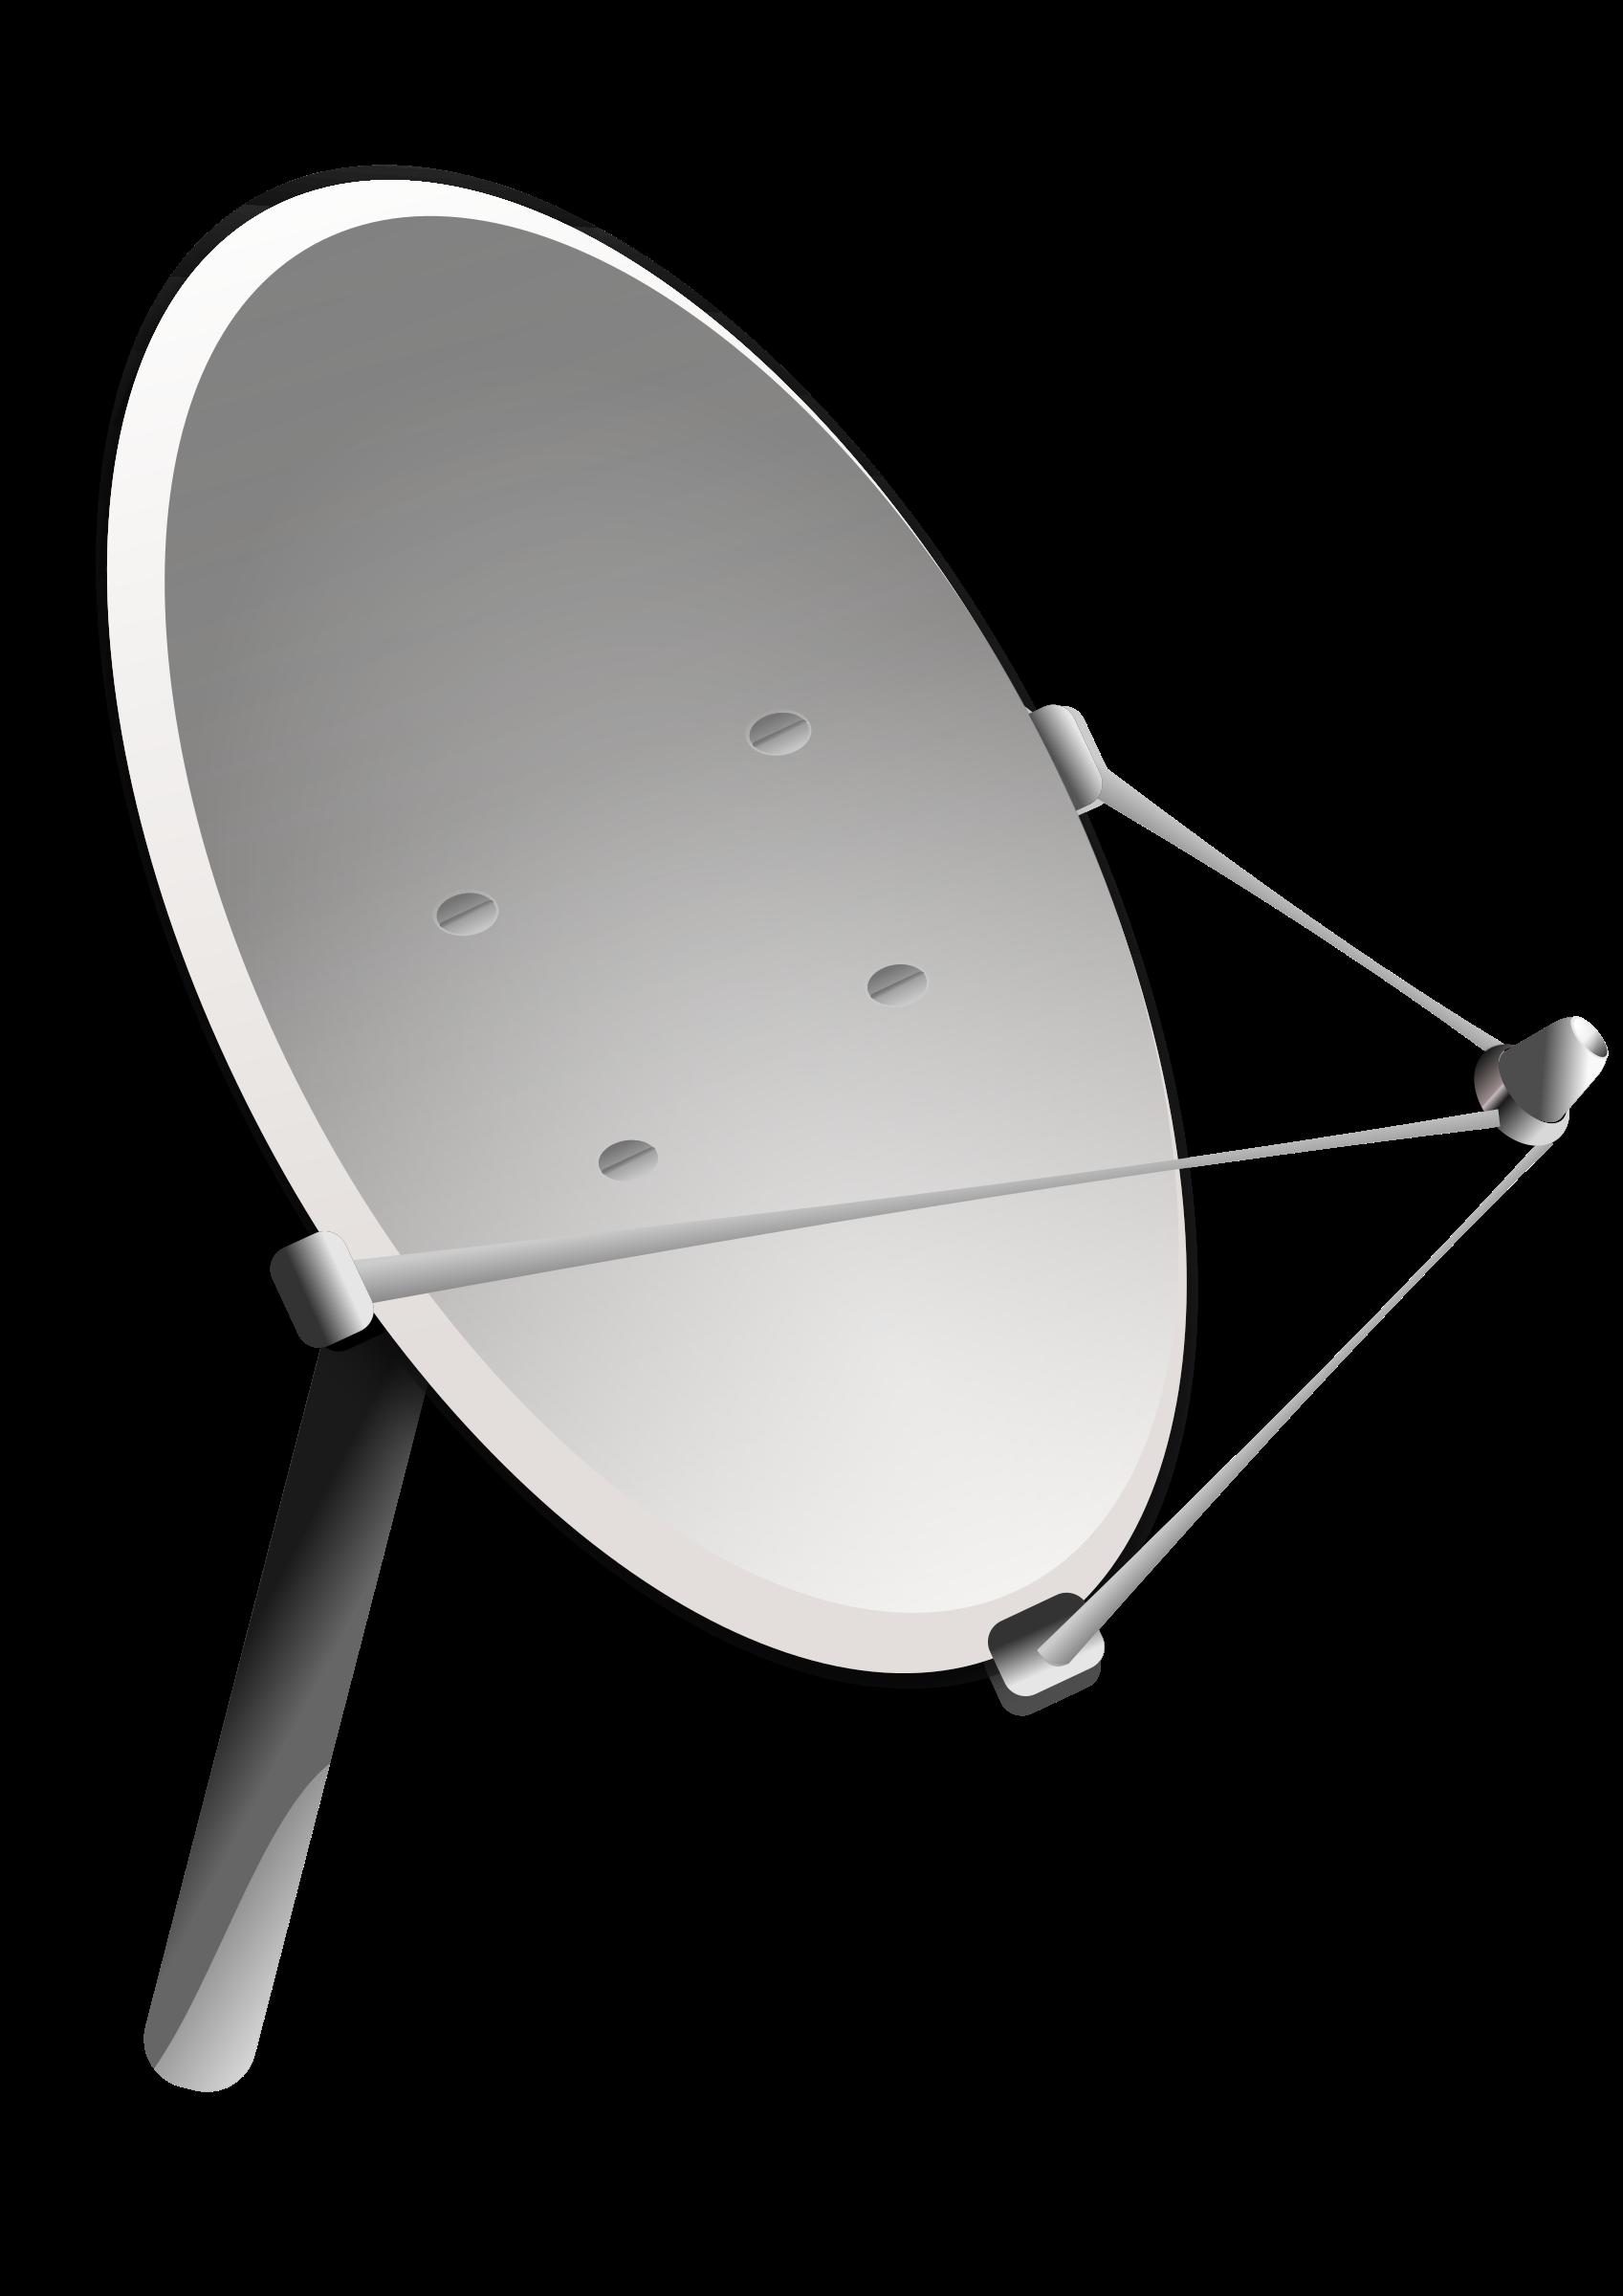 Satellite Png image #40939